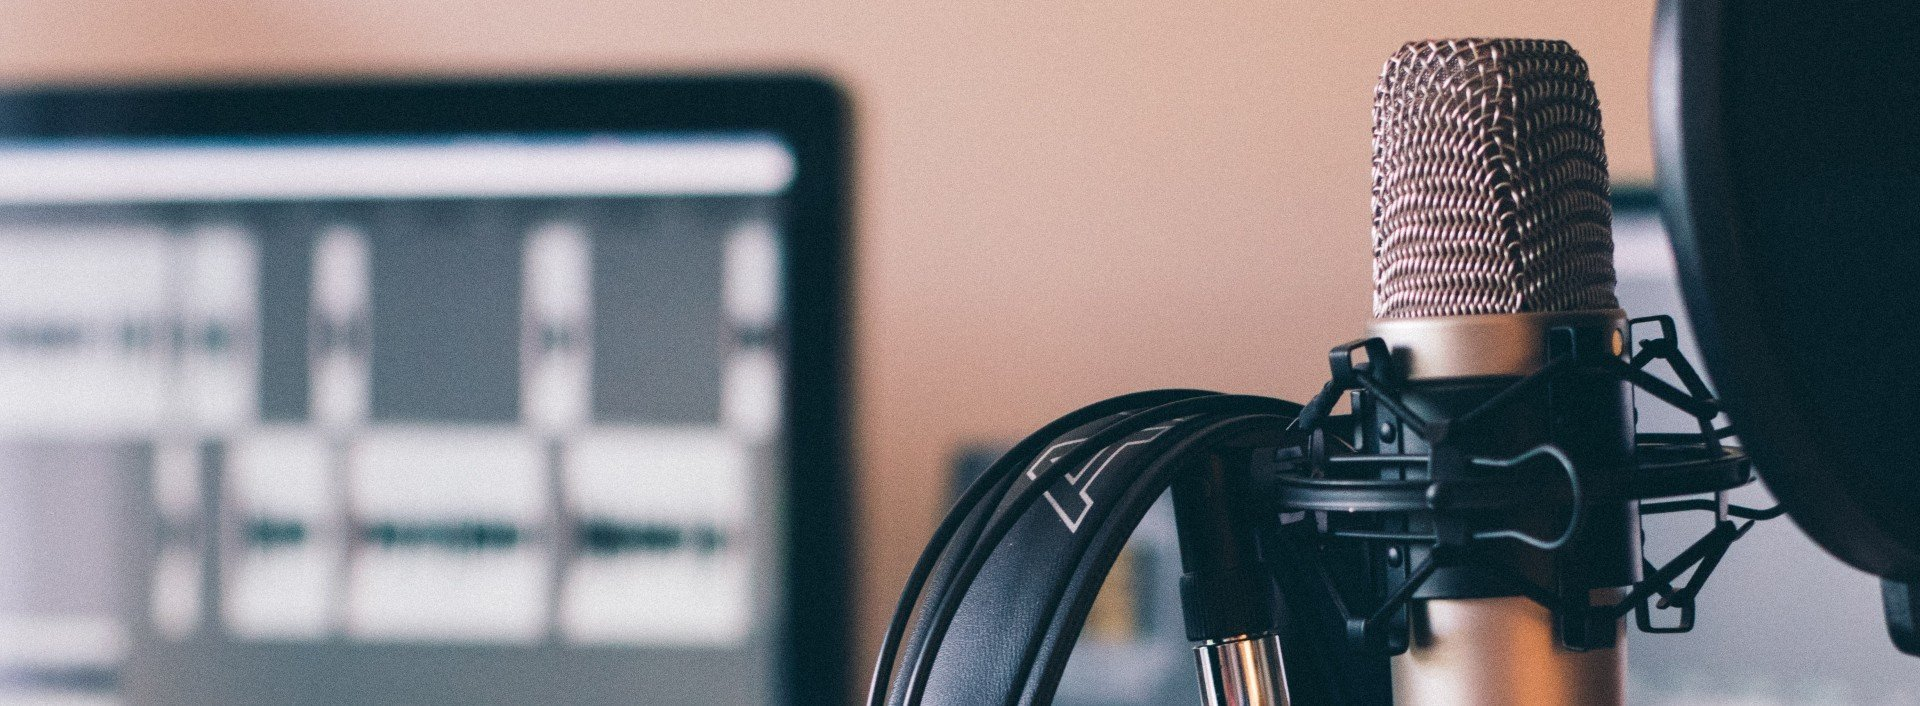 In einem Studio steht ein Mikrofon, um Podcasts aufzunehmen, die Sie sich anhören können, wenn Sie Ihr Englisch verbessern wollen.